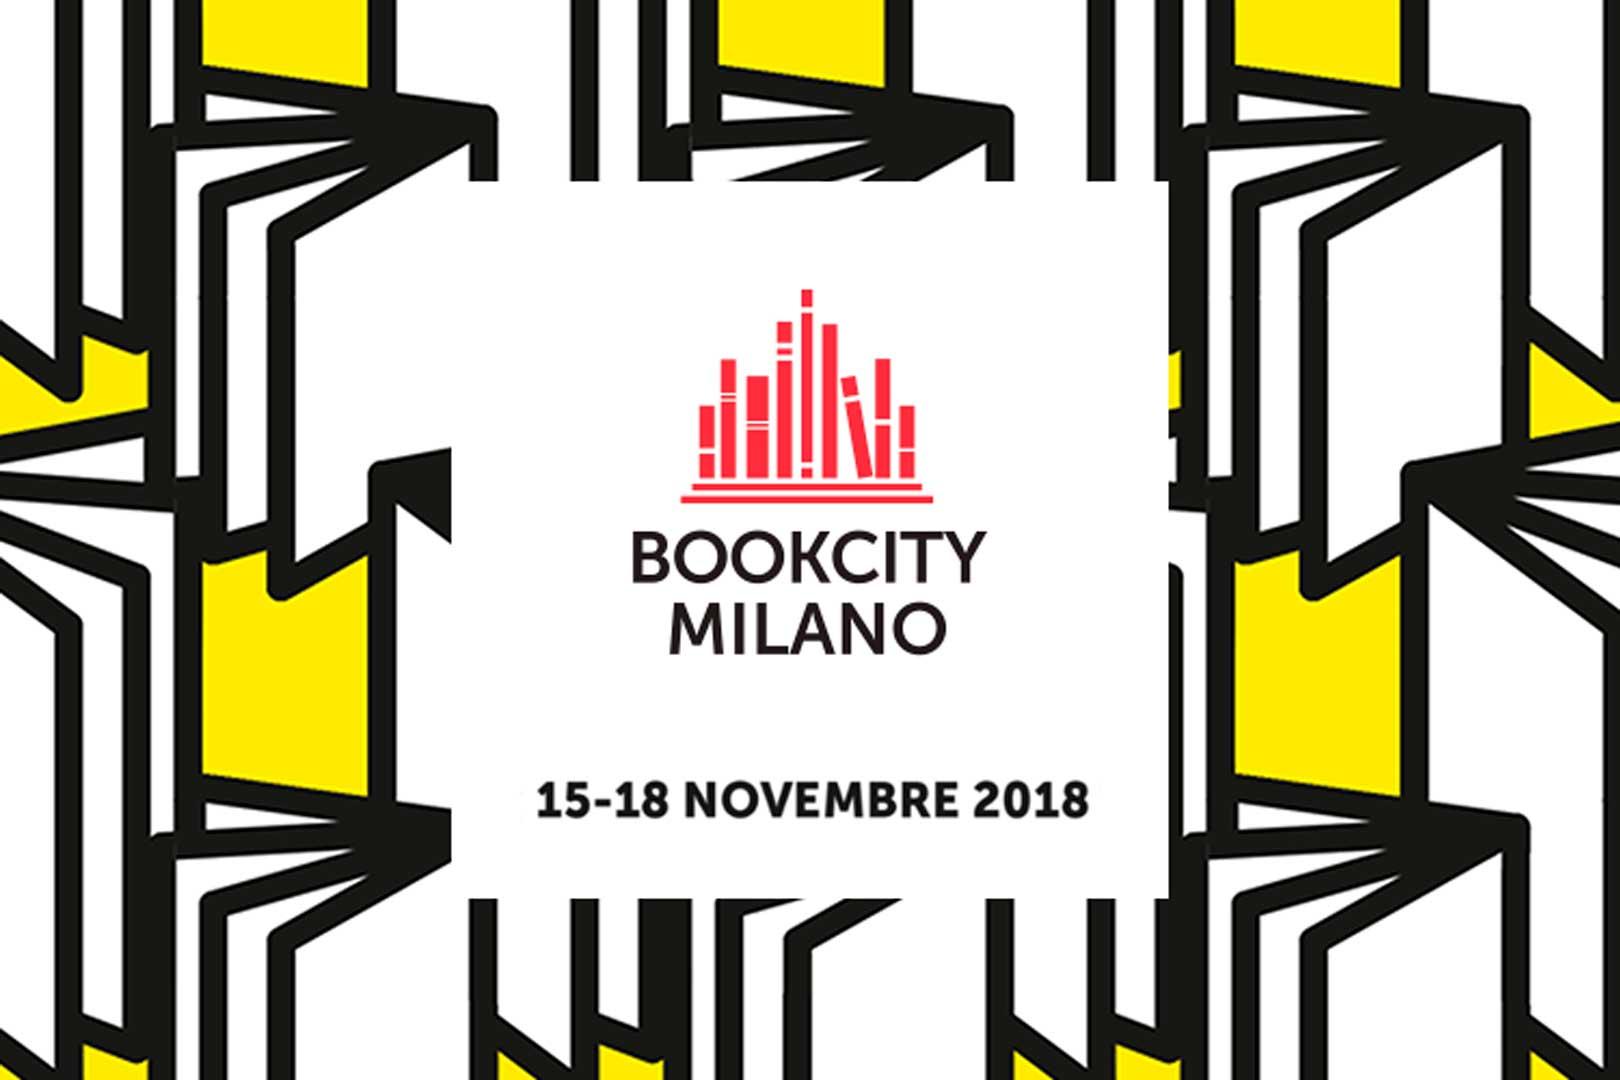 Gli eventi da non perdere questo autunno a Milano